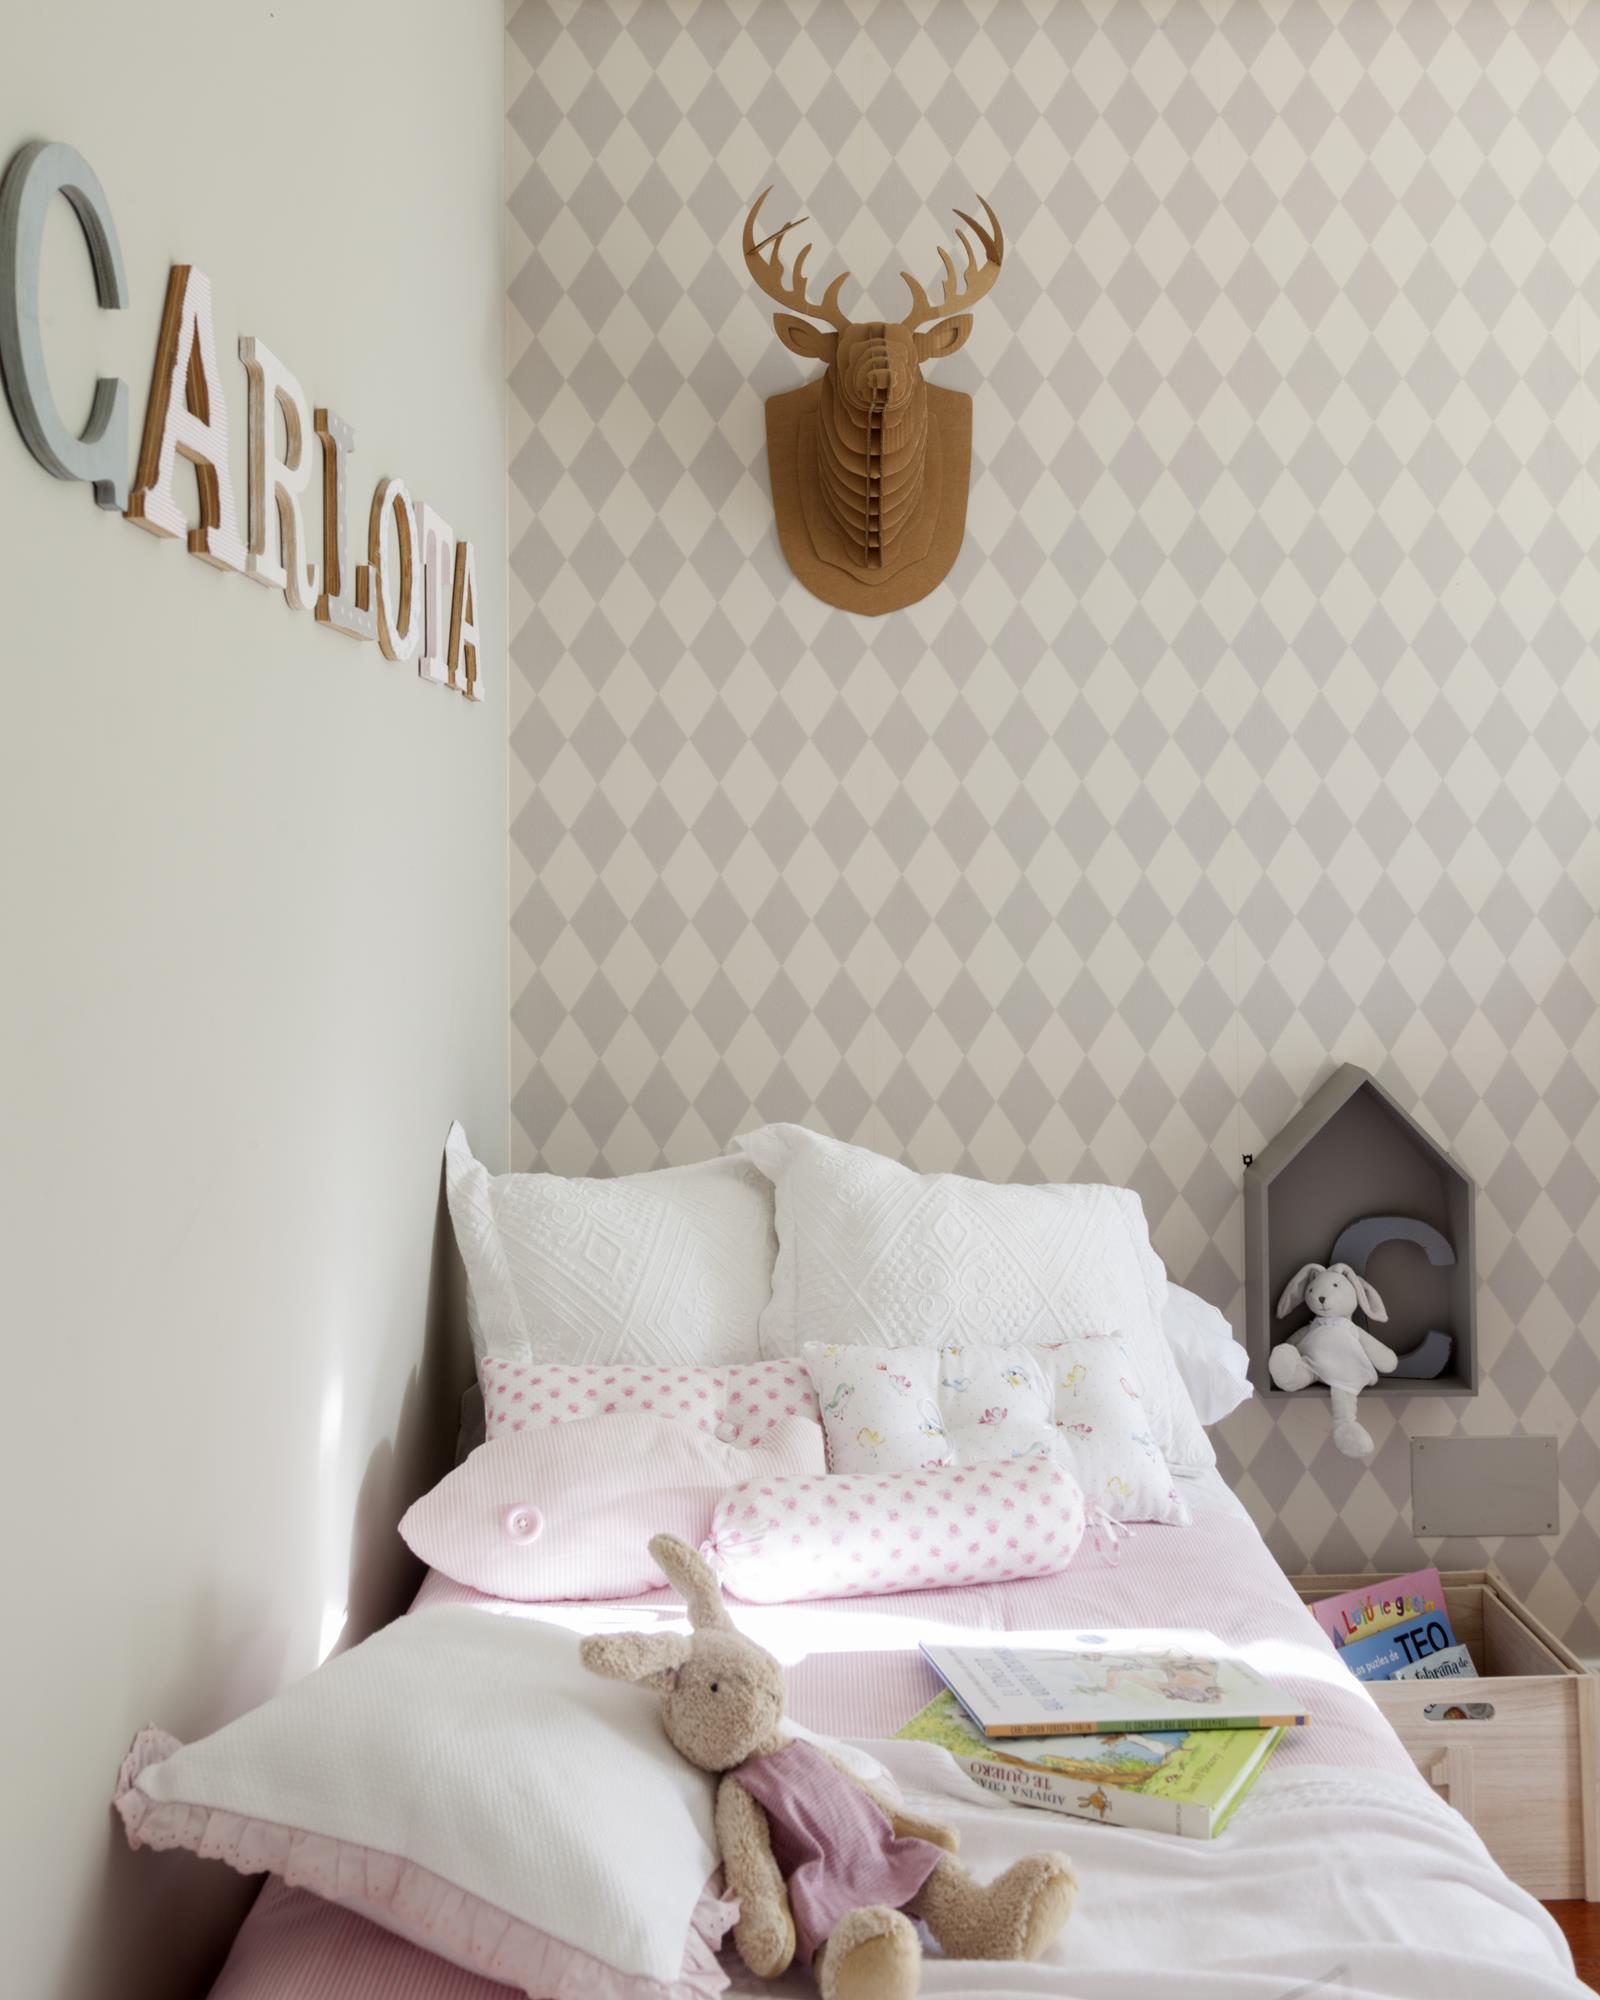 00433517 O (Copy). dormitorio infantil con papel pintado y cabeza de reno de carton